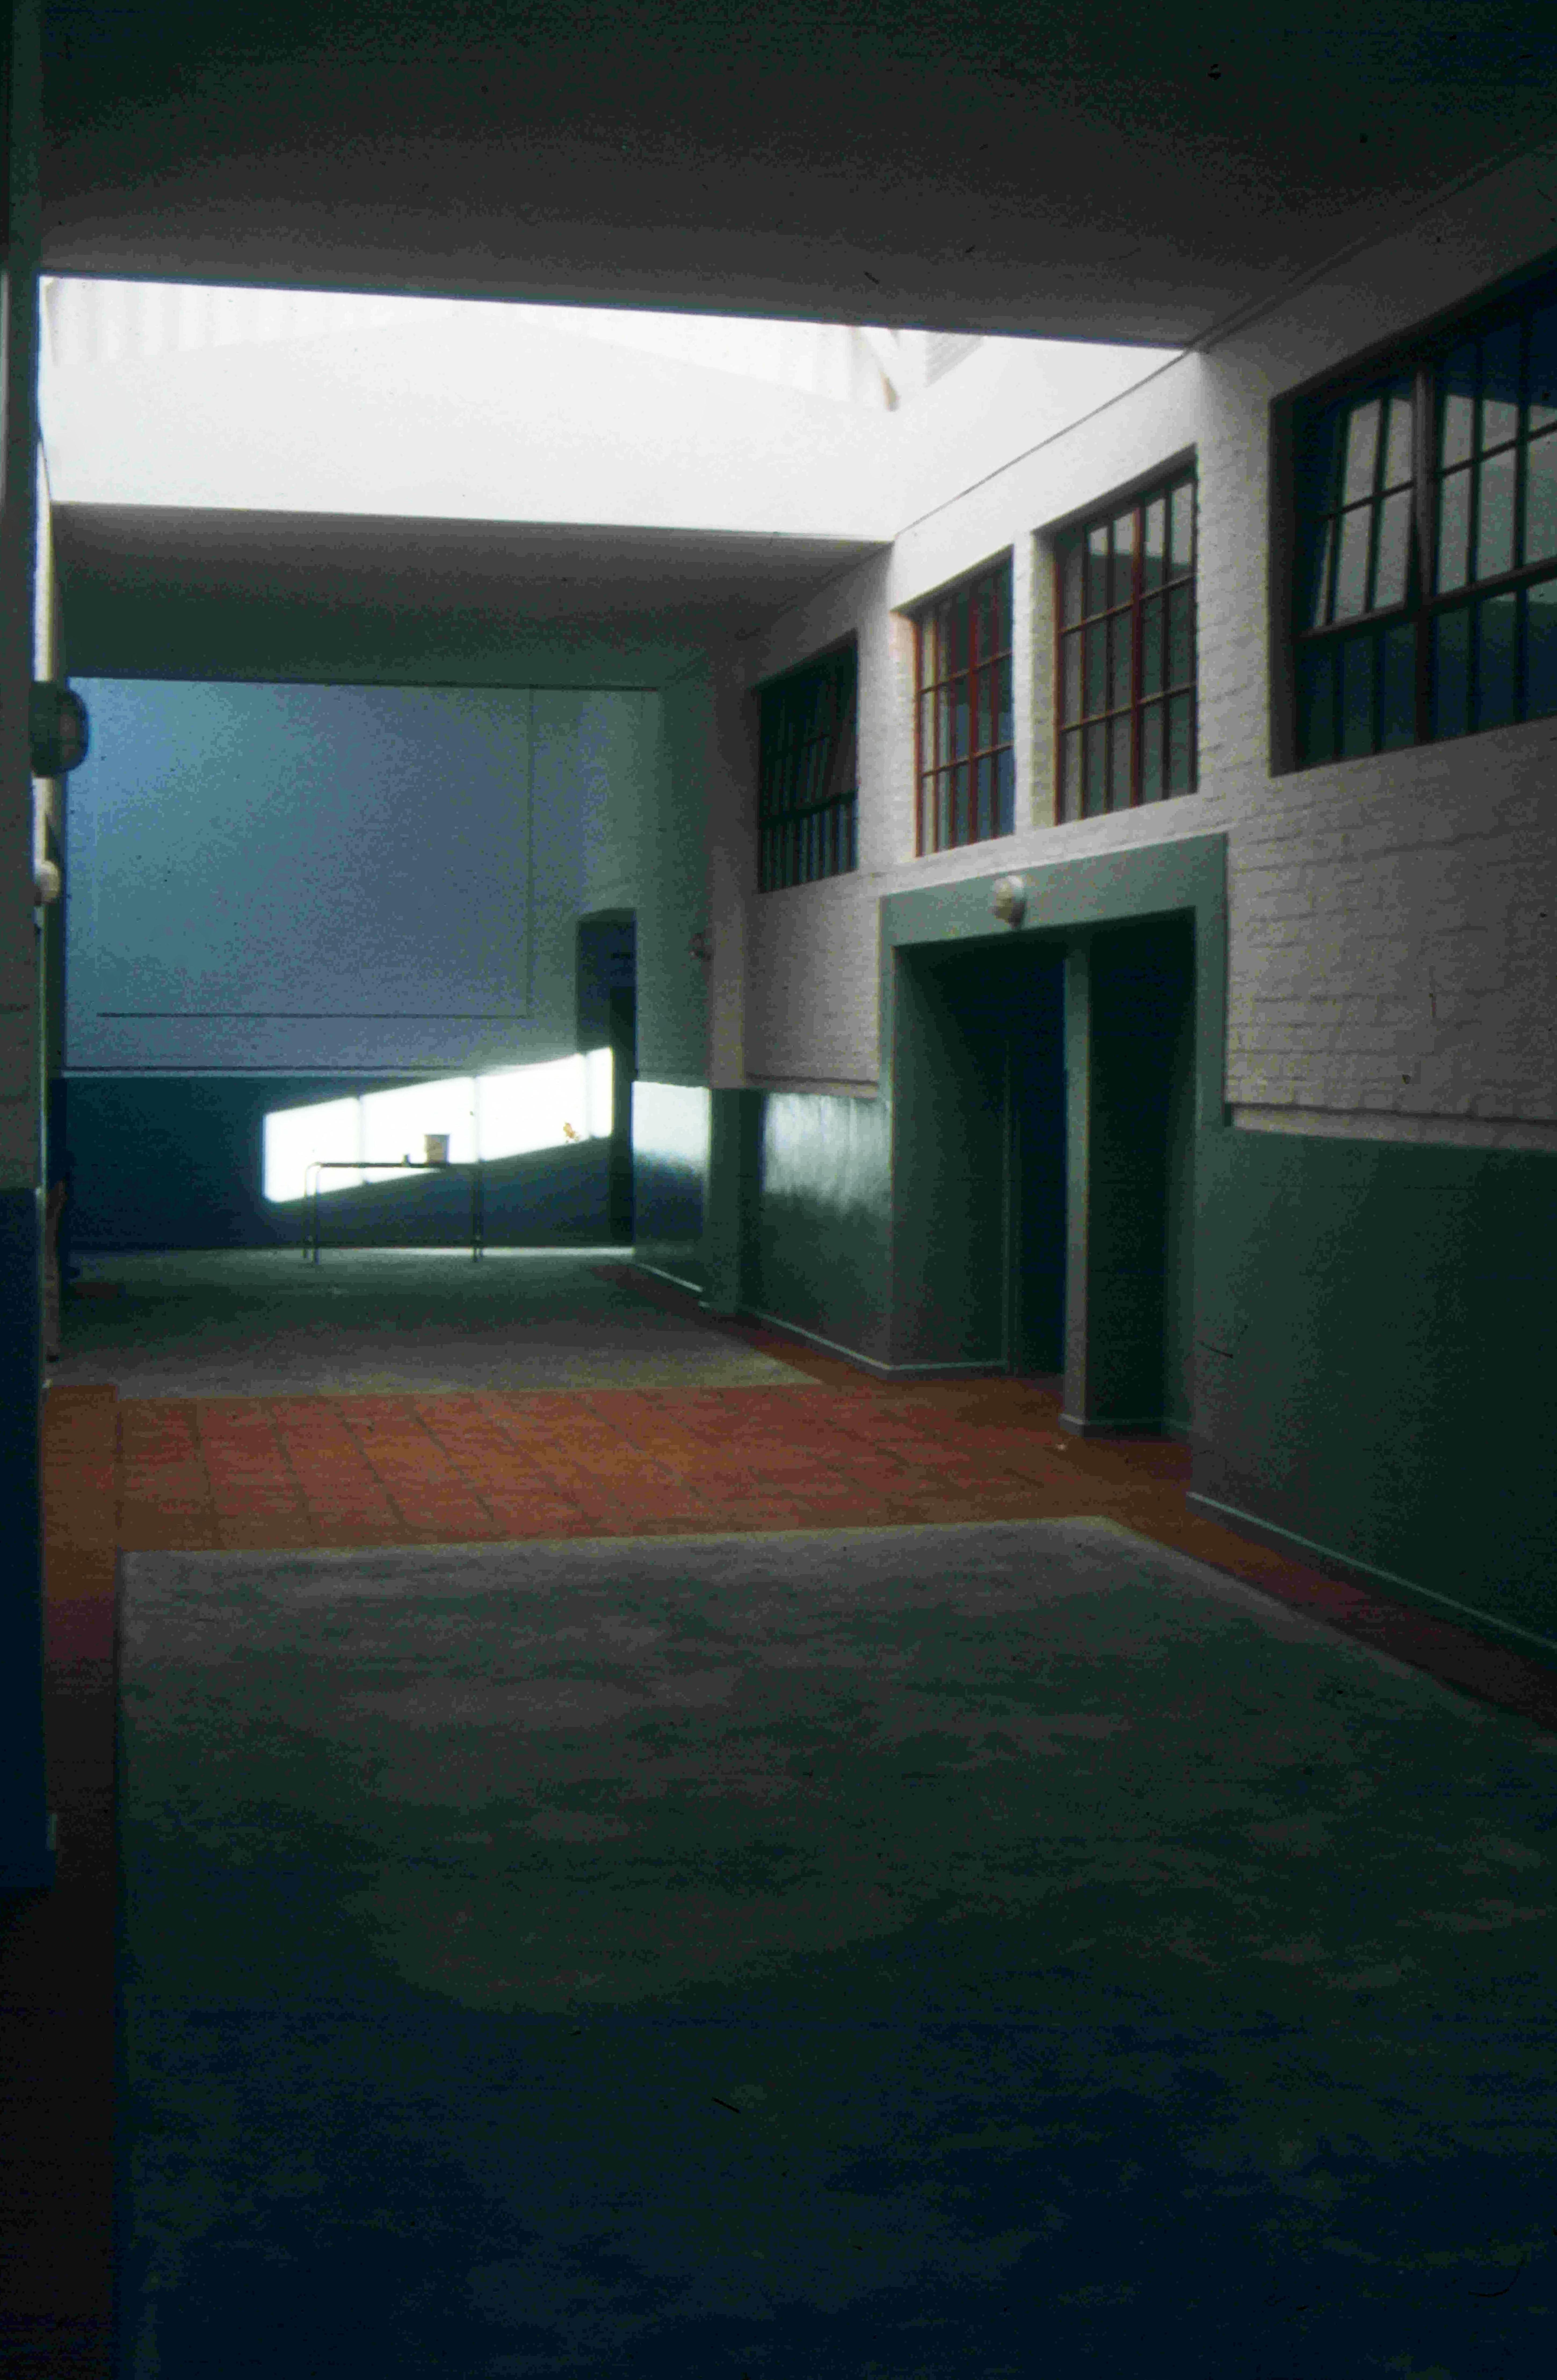 Zwelihle School